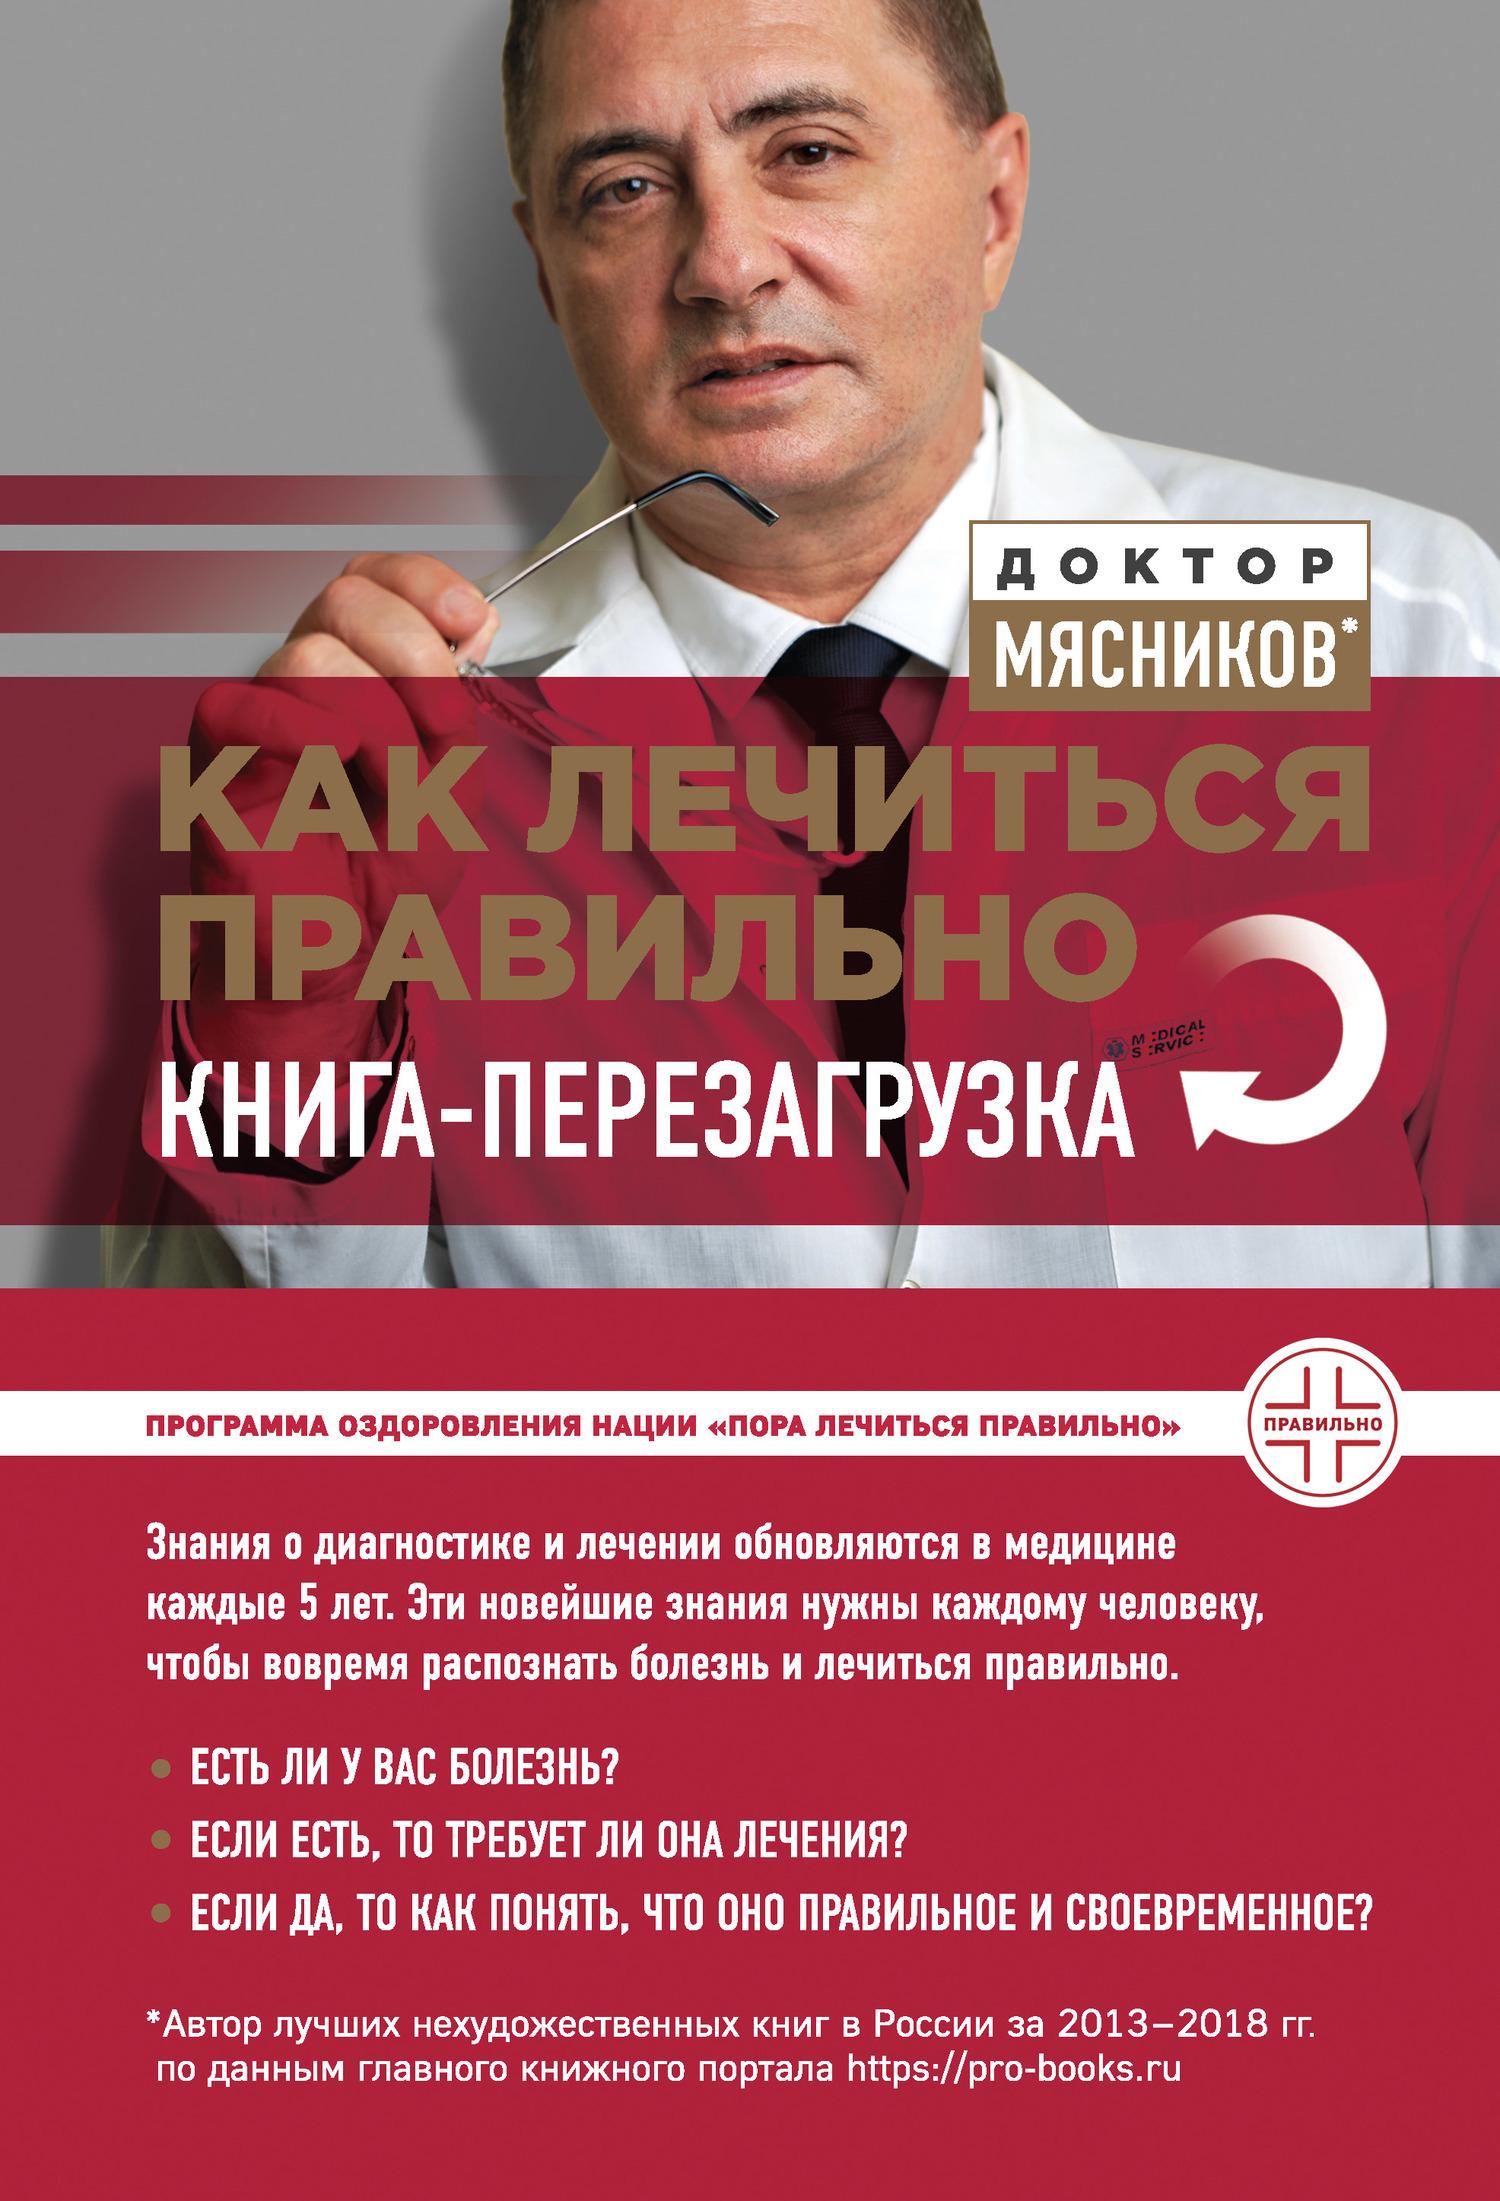 Александр Мясников - Как лечиться правильно. Книга-перезагрузка